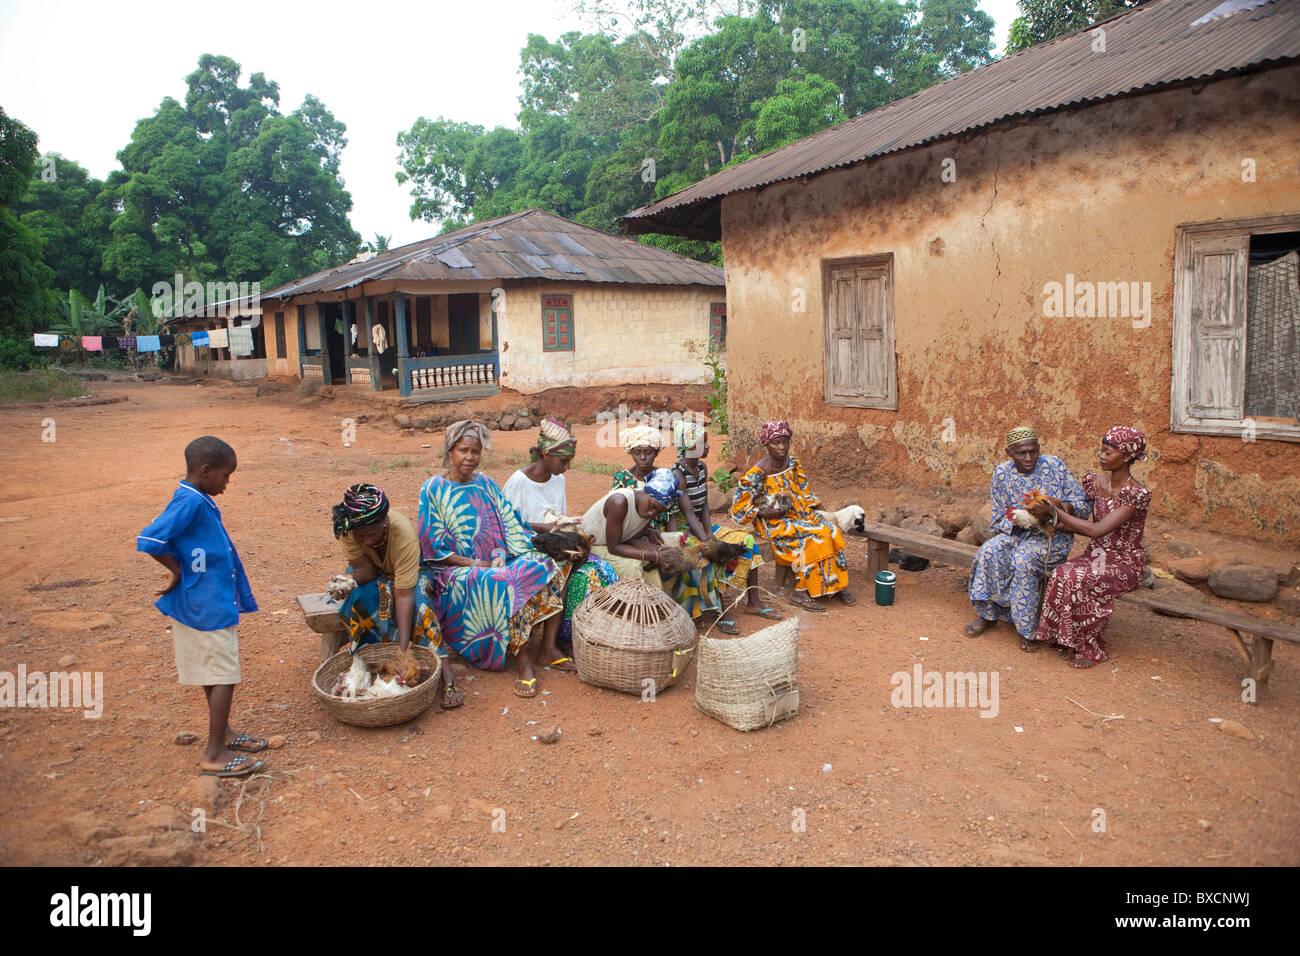 Los aldeanos se reúnen para recibir vacunas para sus pollos en Port Loko, en Sierra Leona, en África occidental. Imagen De Stock